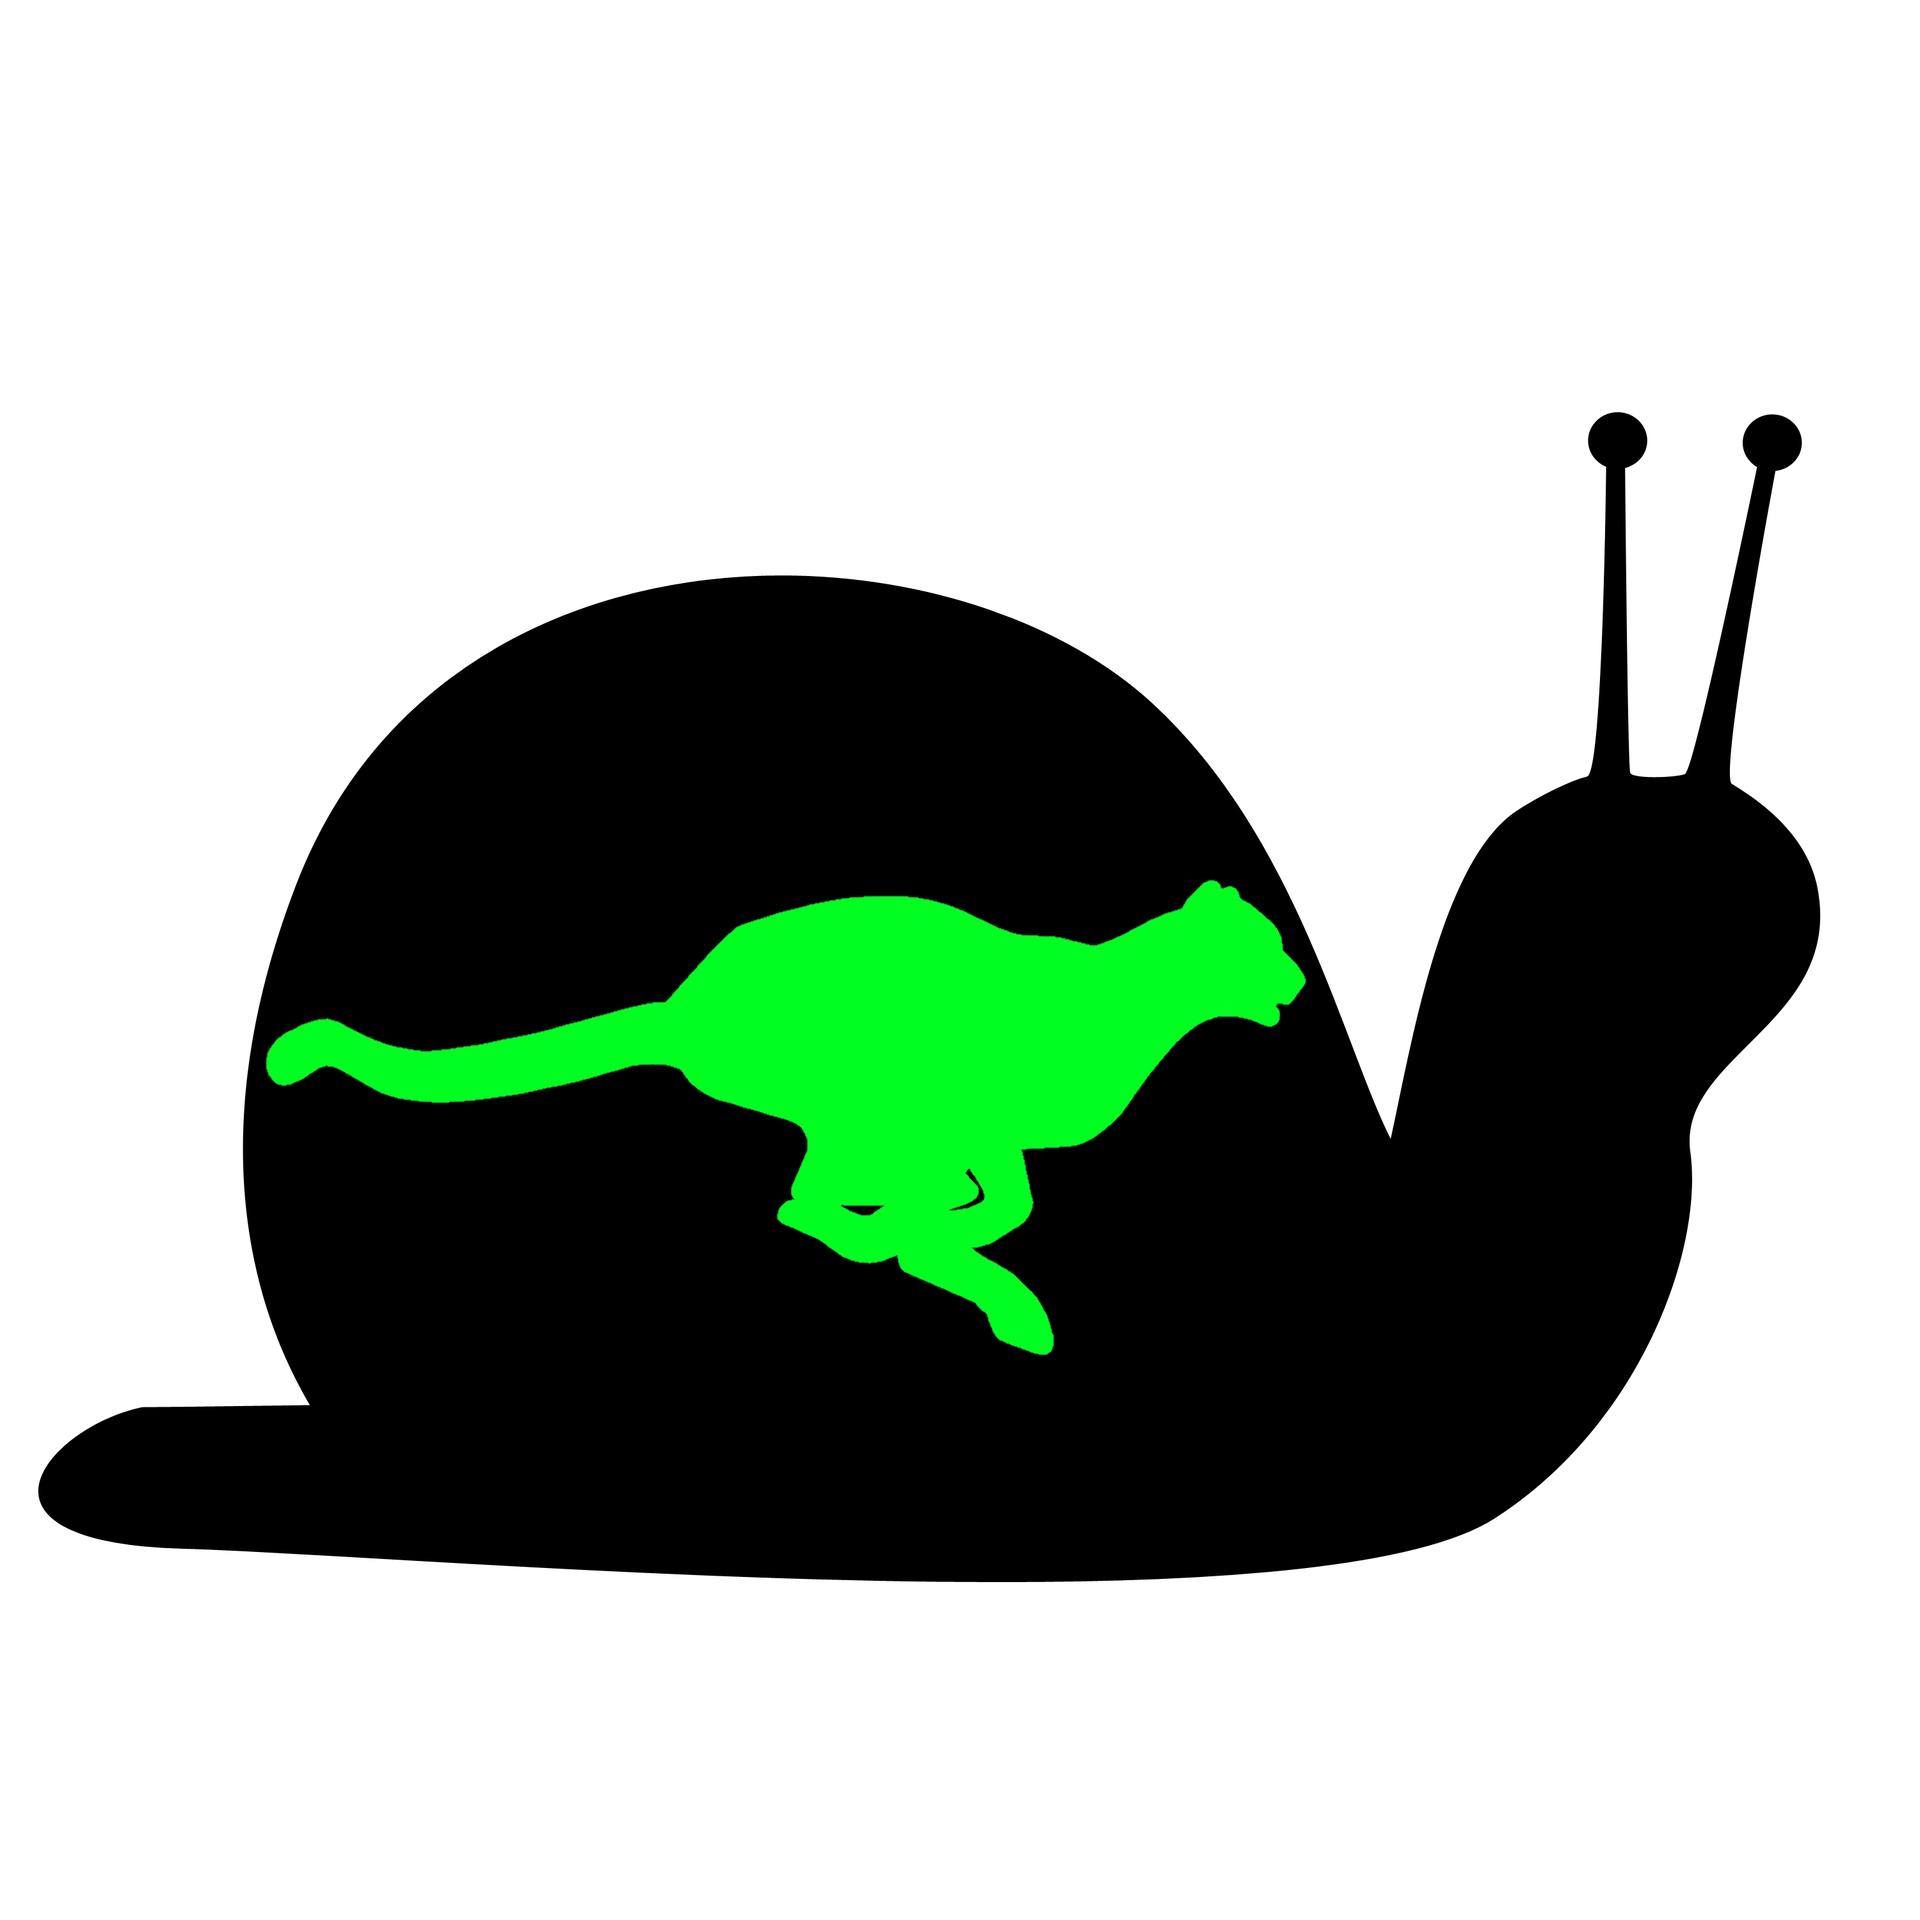 A Faster Computer - Guaranteed - Snail Cheetah Image